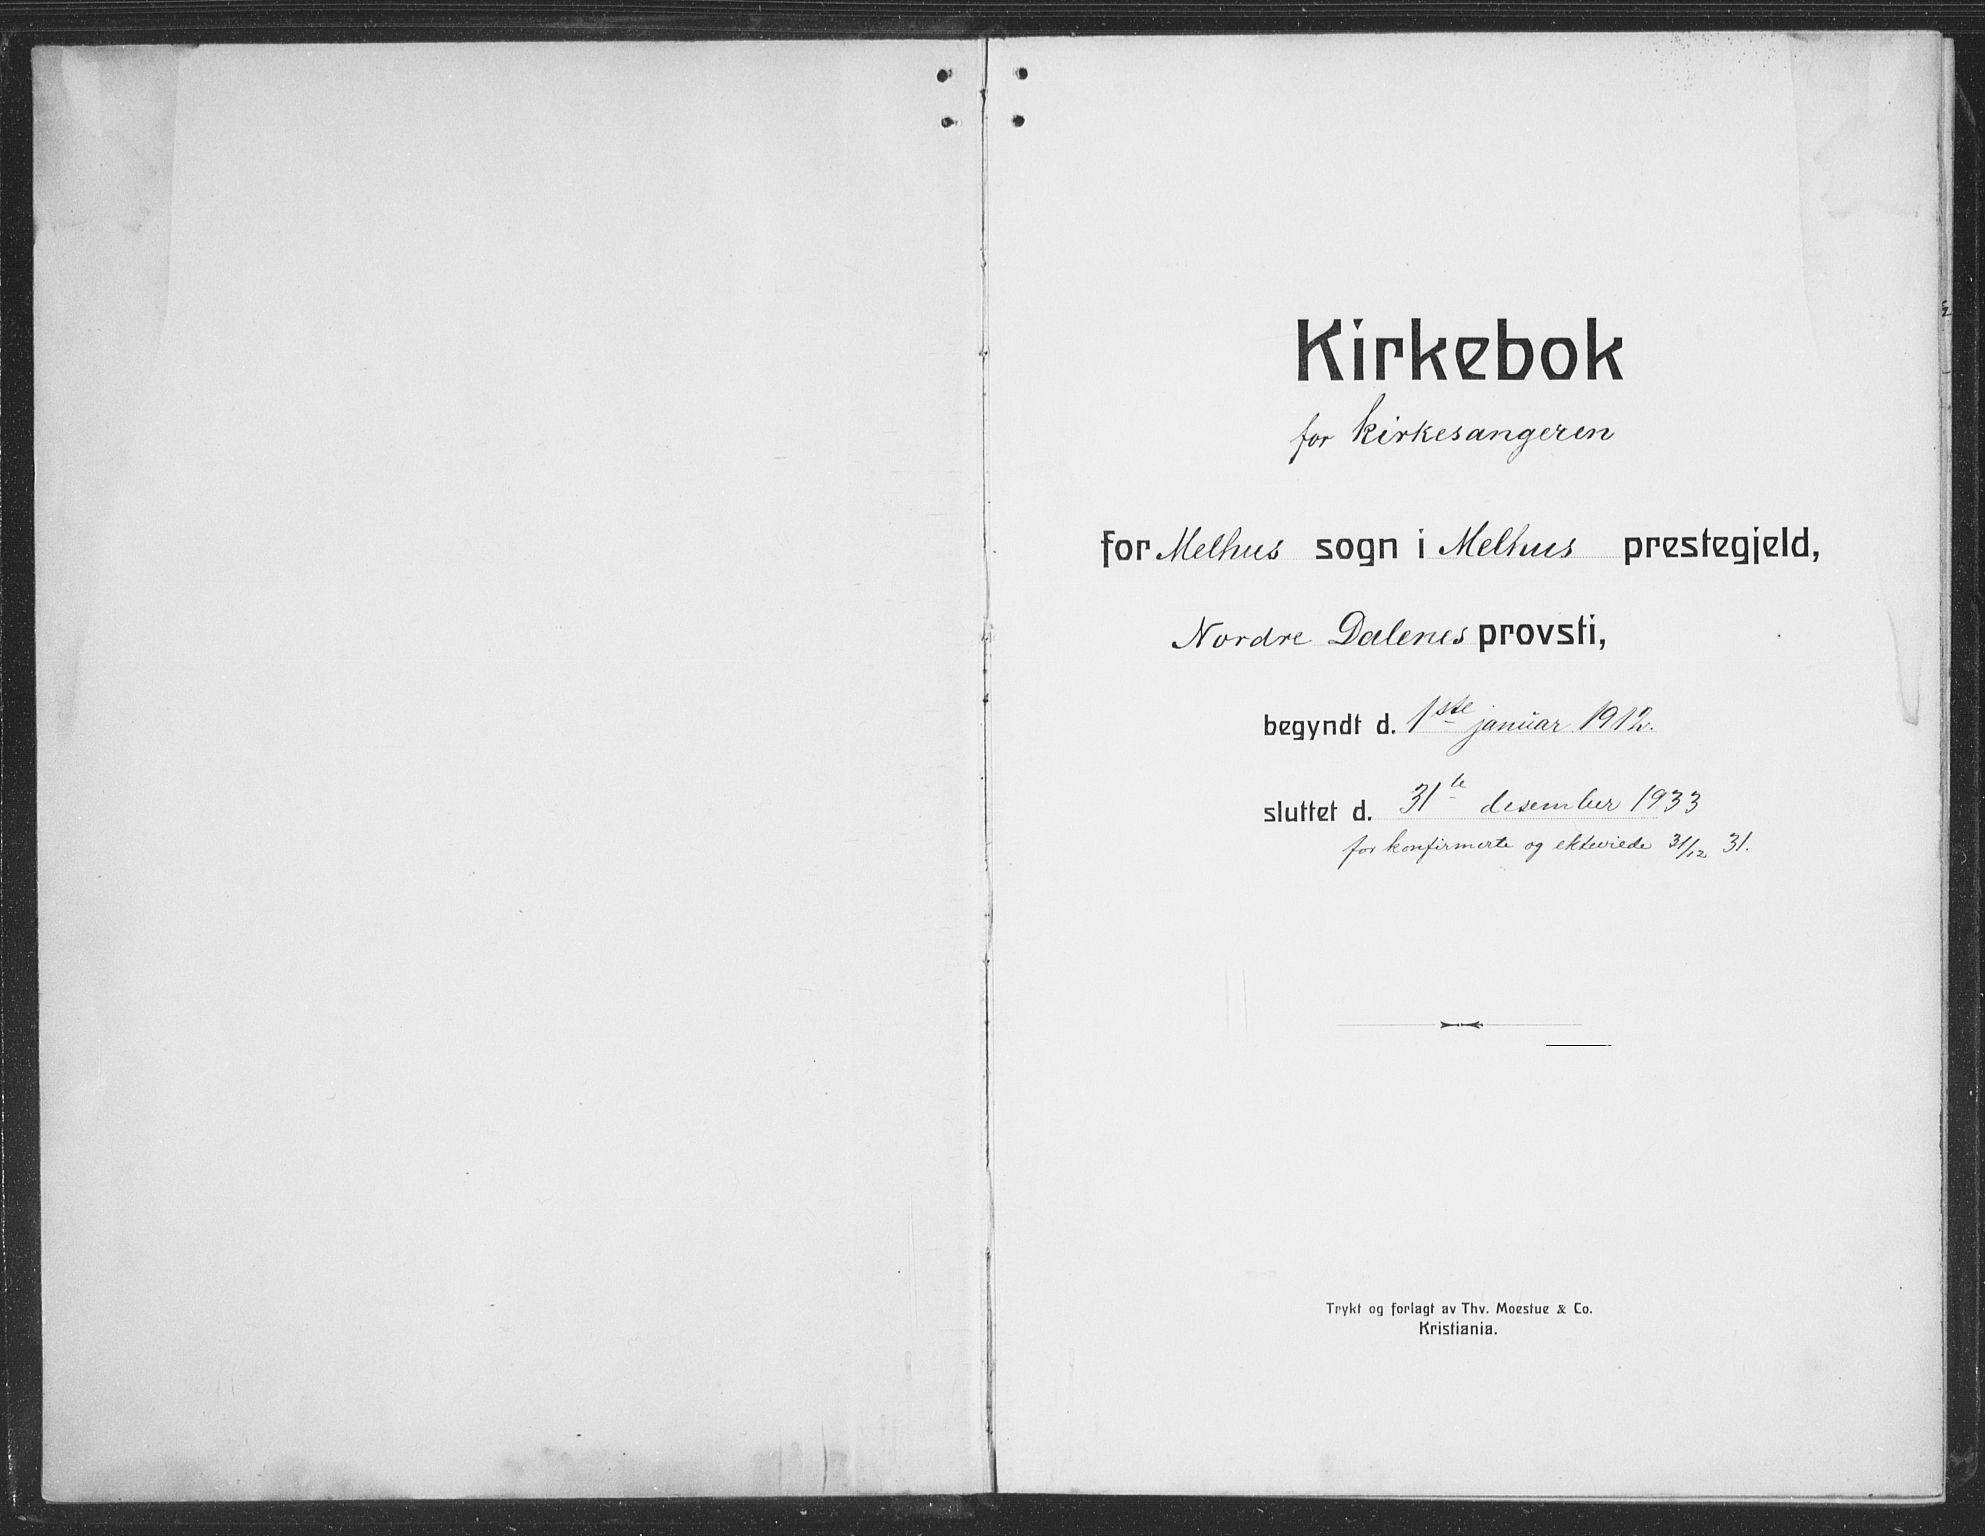 SAT, Ministerialprotokoller, klokkerbøker og fødselsregistre - Sør-Trøndelag, 691/L1095: Klokkerbok nr. 691C06, 1912-1933